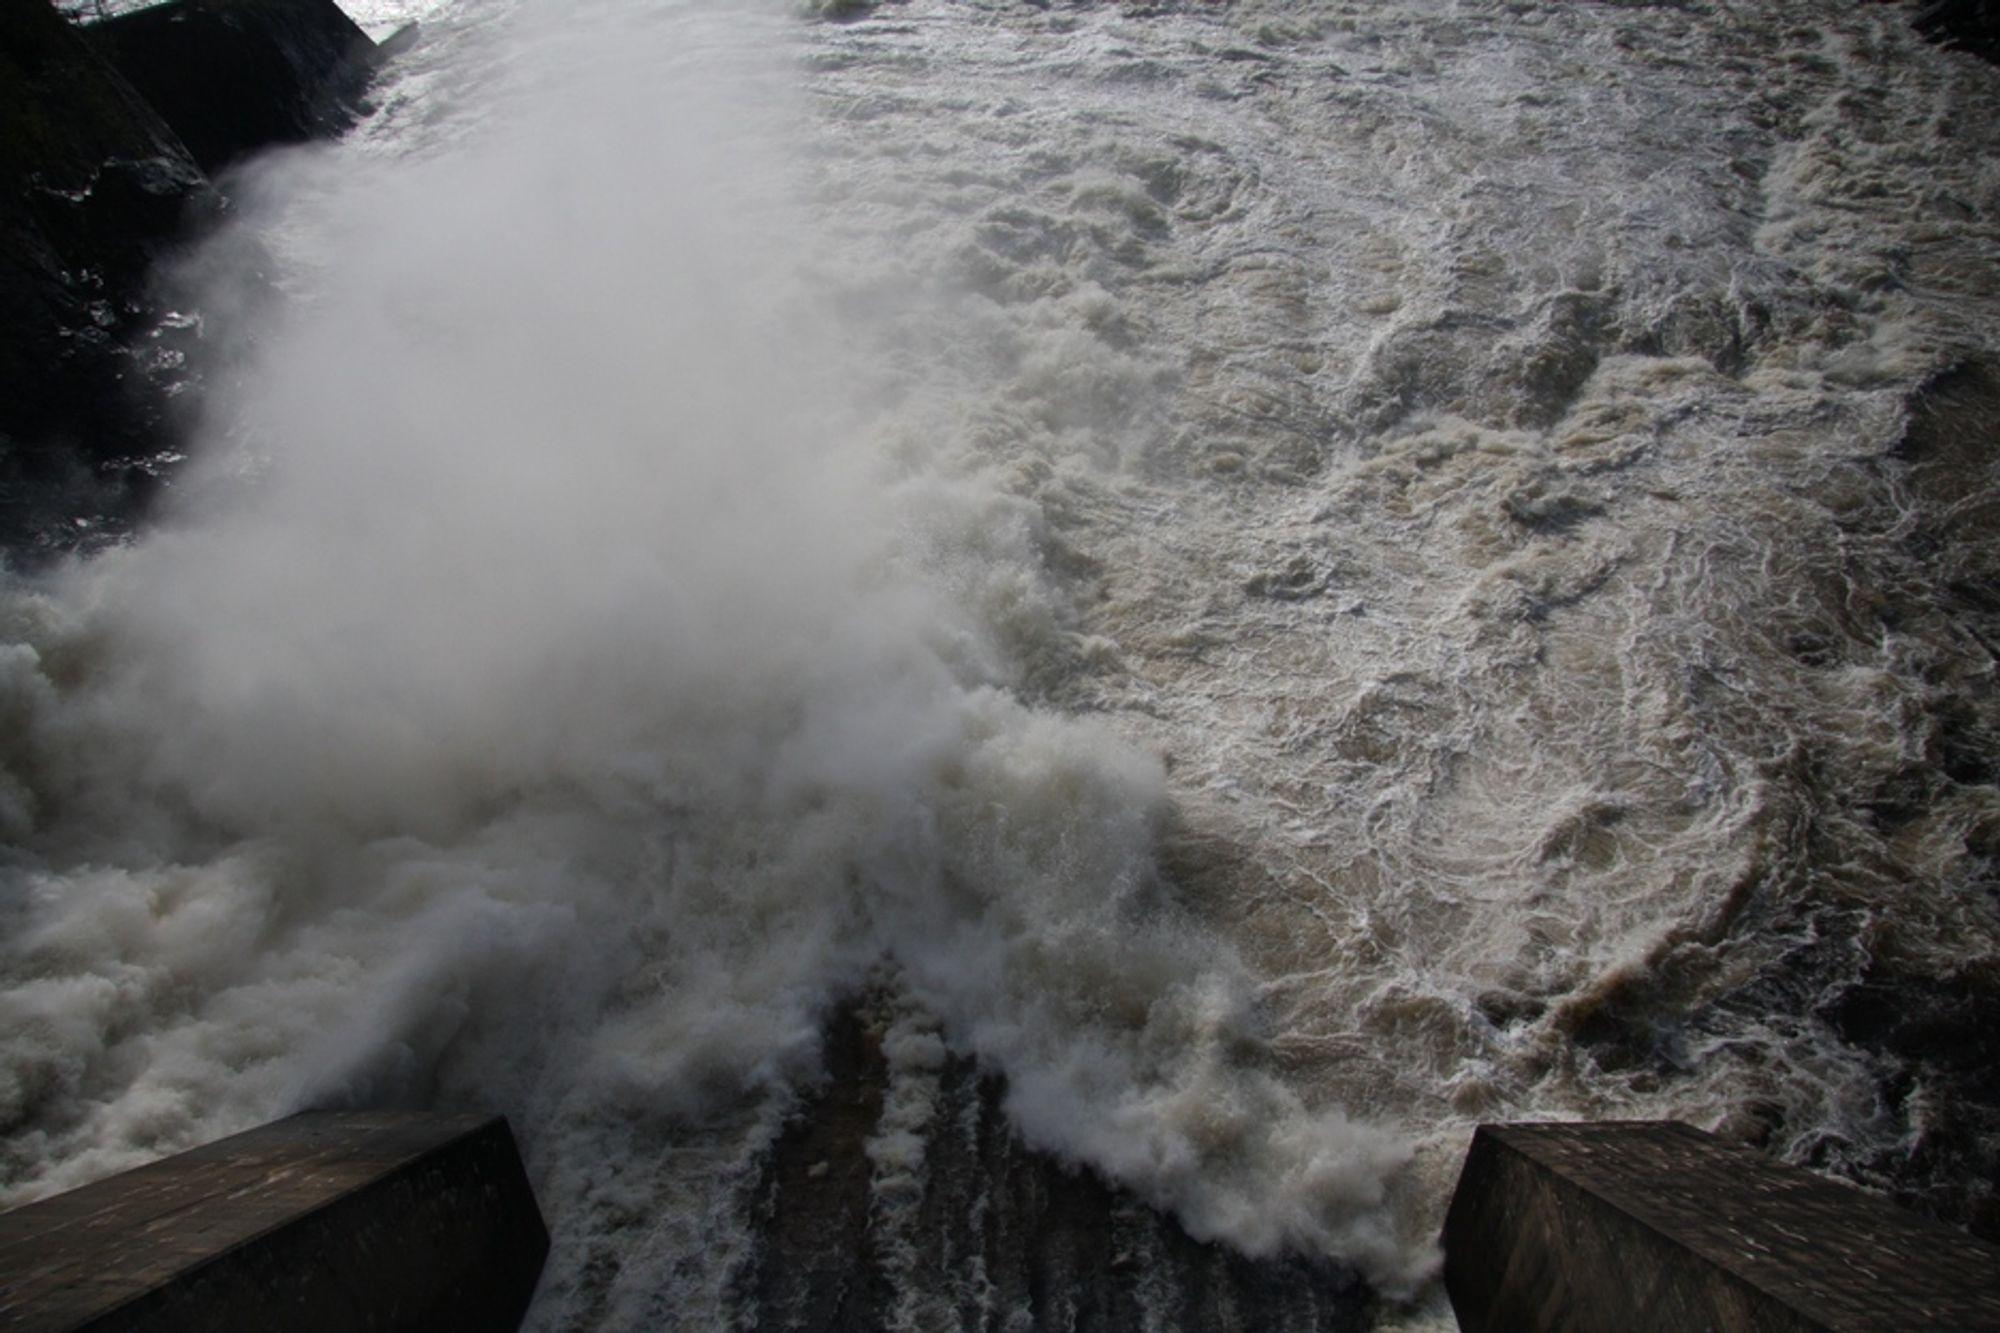 Norge endrer praksis i sin vannforvaltning, etter at Esa truet med å ta saken til Efta-domstolen.